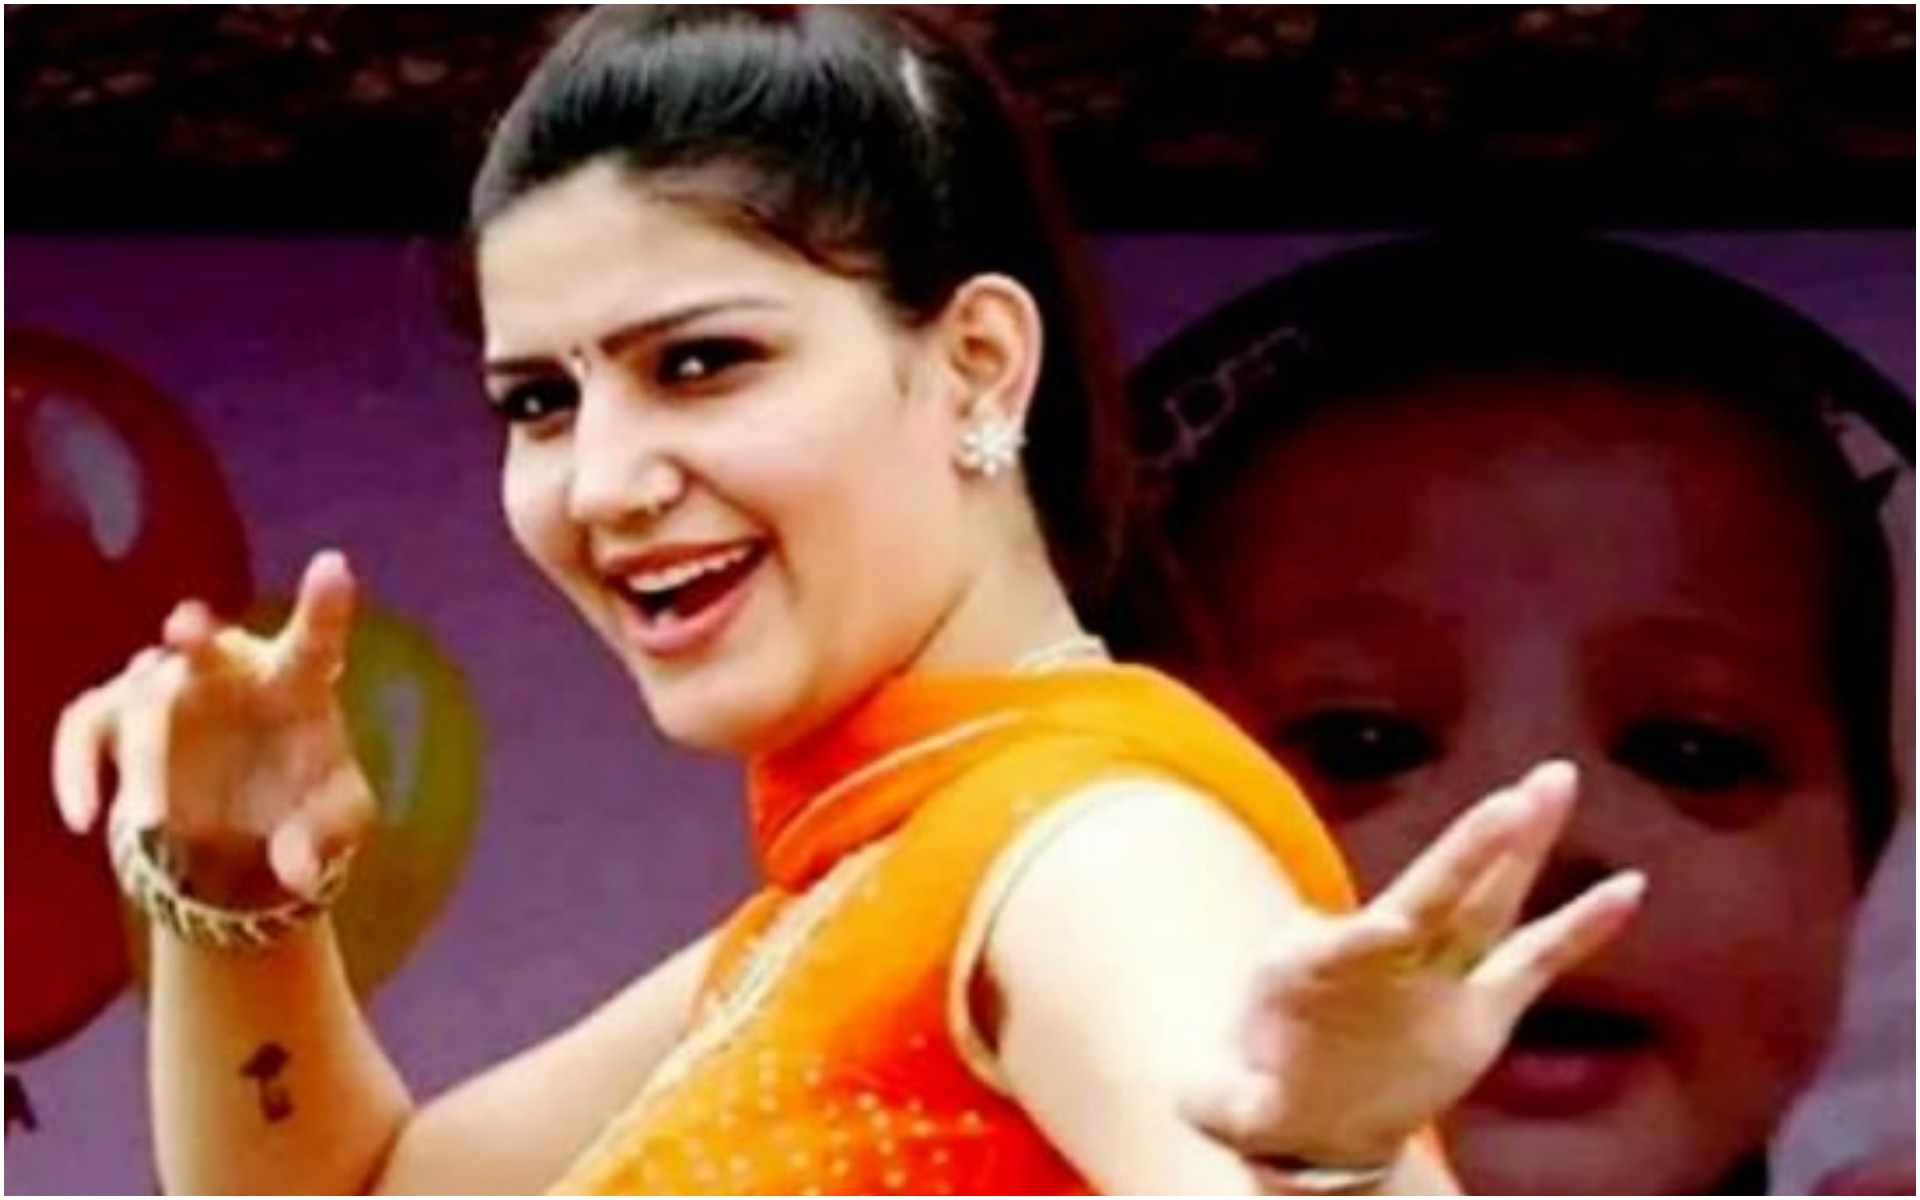 Sapna Choudhary Dance Video: सपना चौधरी का पुराना गाना 'तू चीज़ लाजवाब' हुआ वायरल, देखें वीडियो